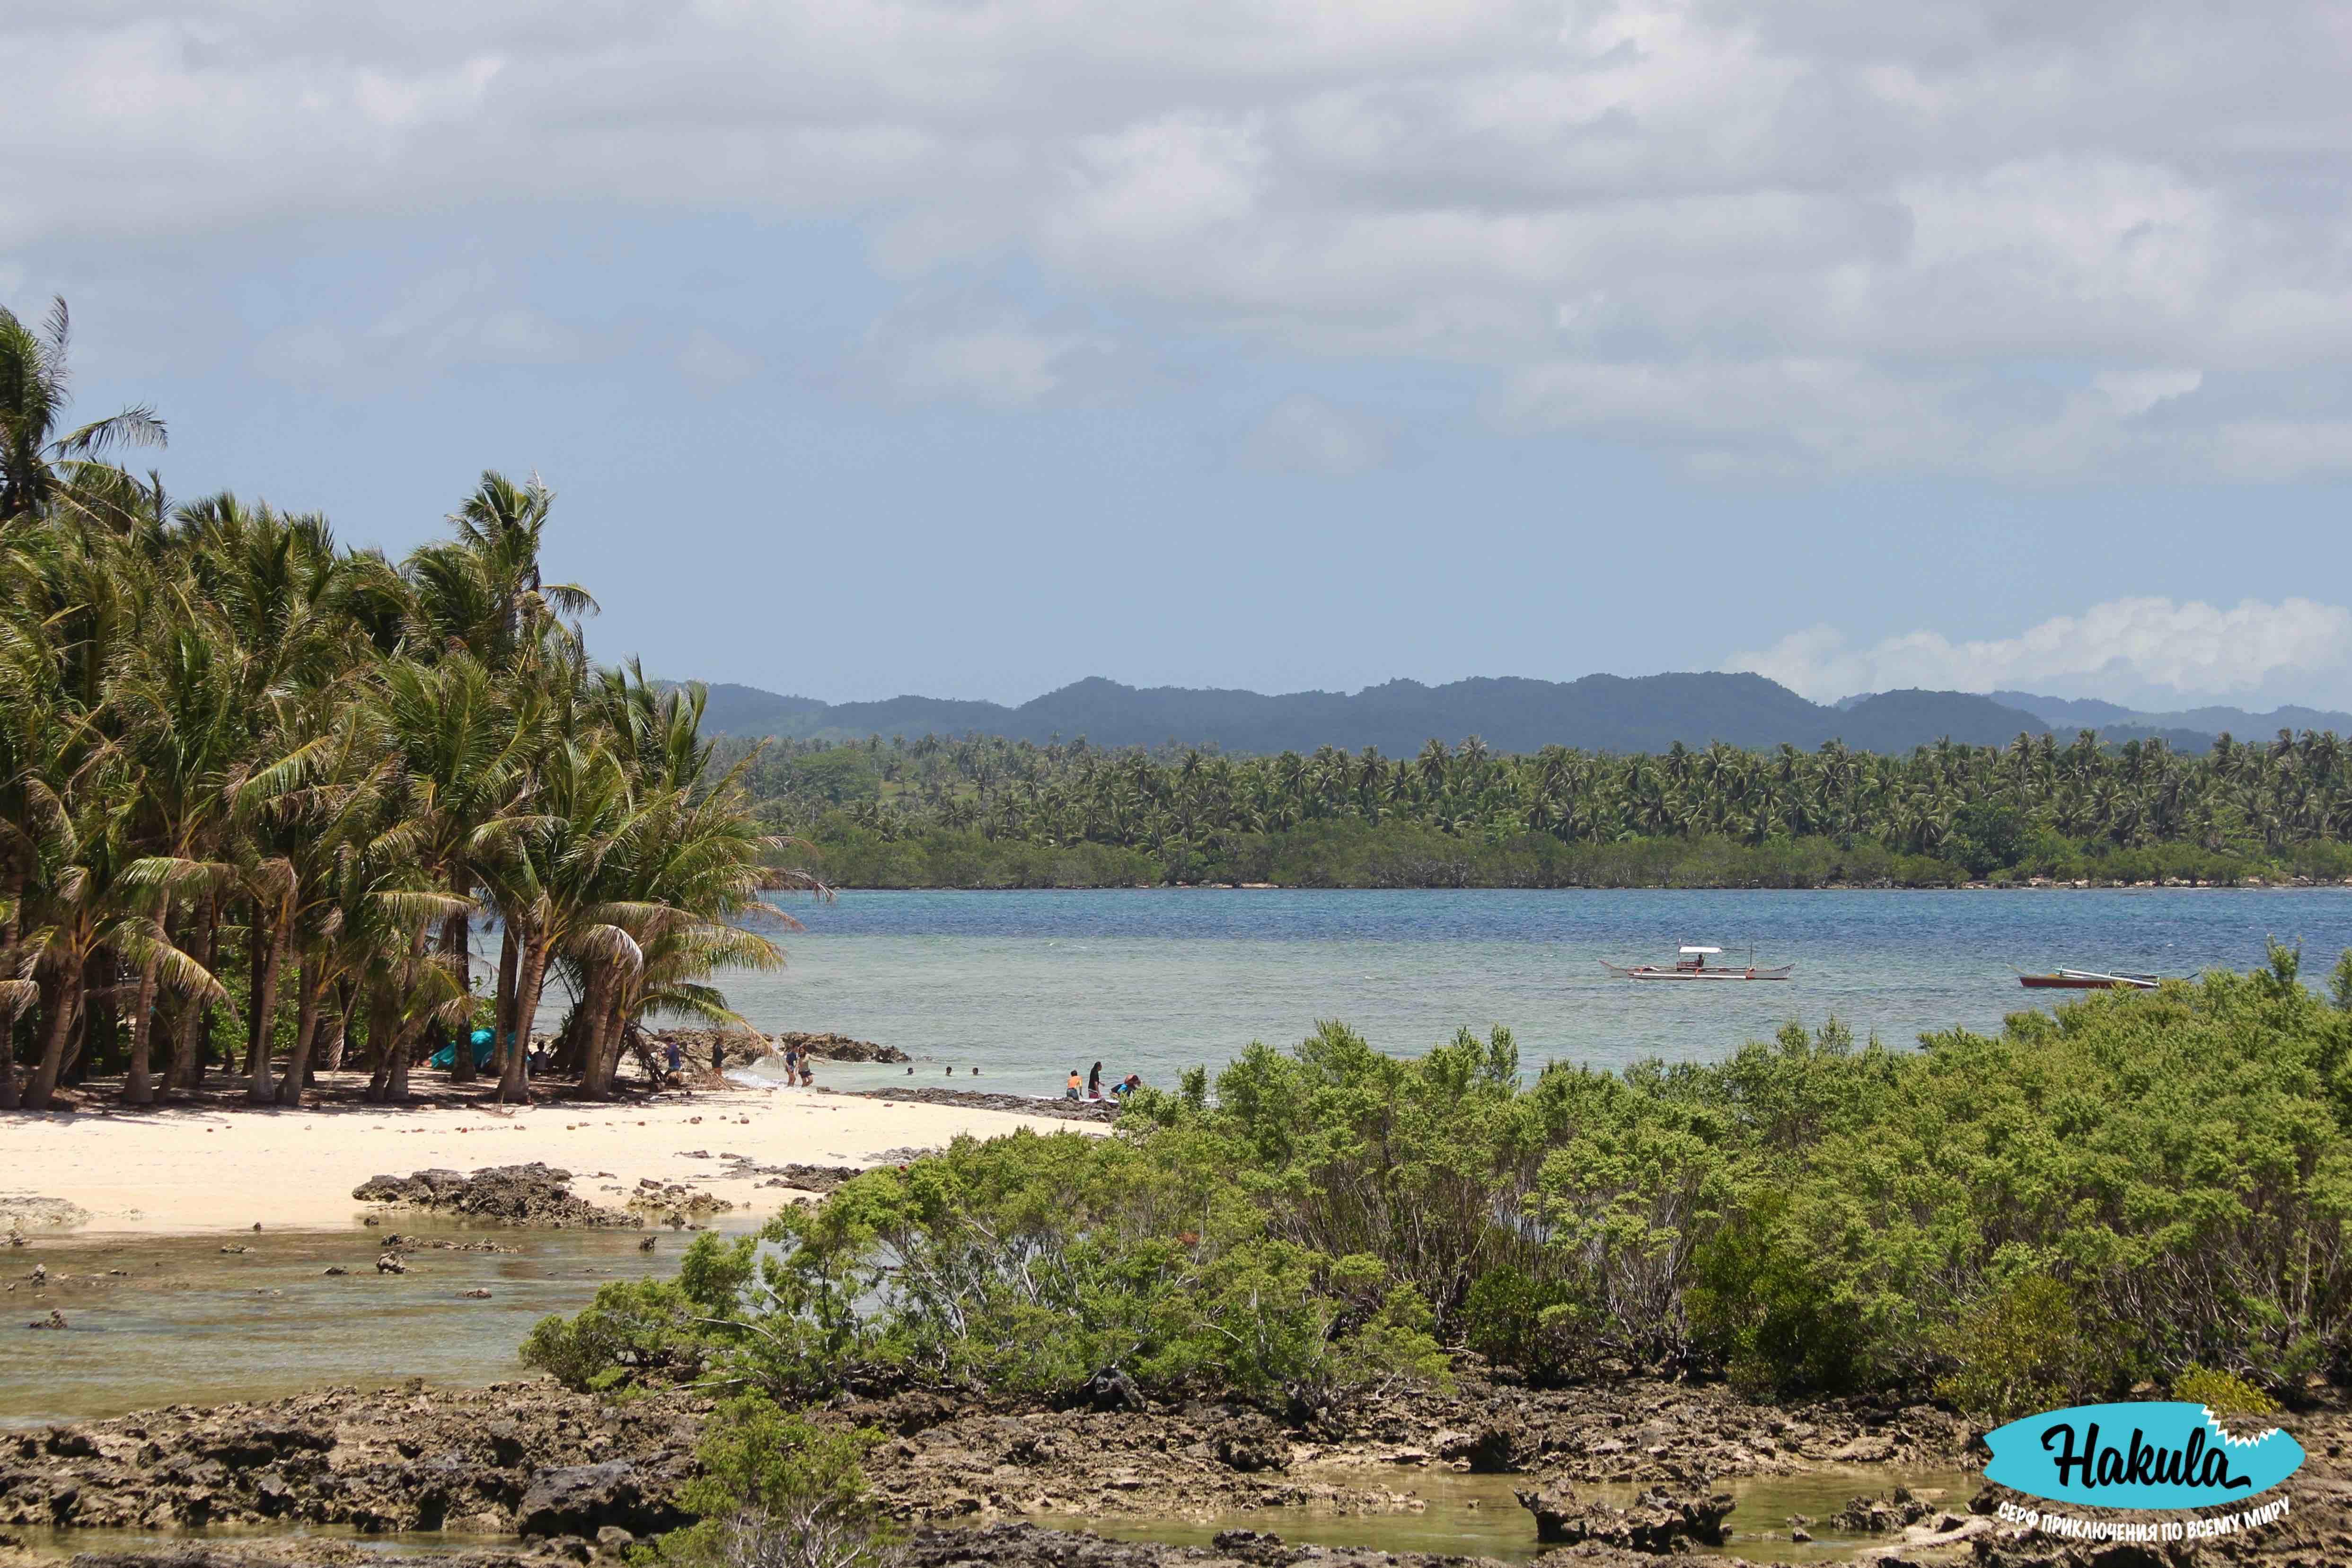 типичный пейзаж острова Сиаргао